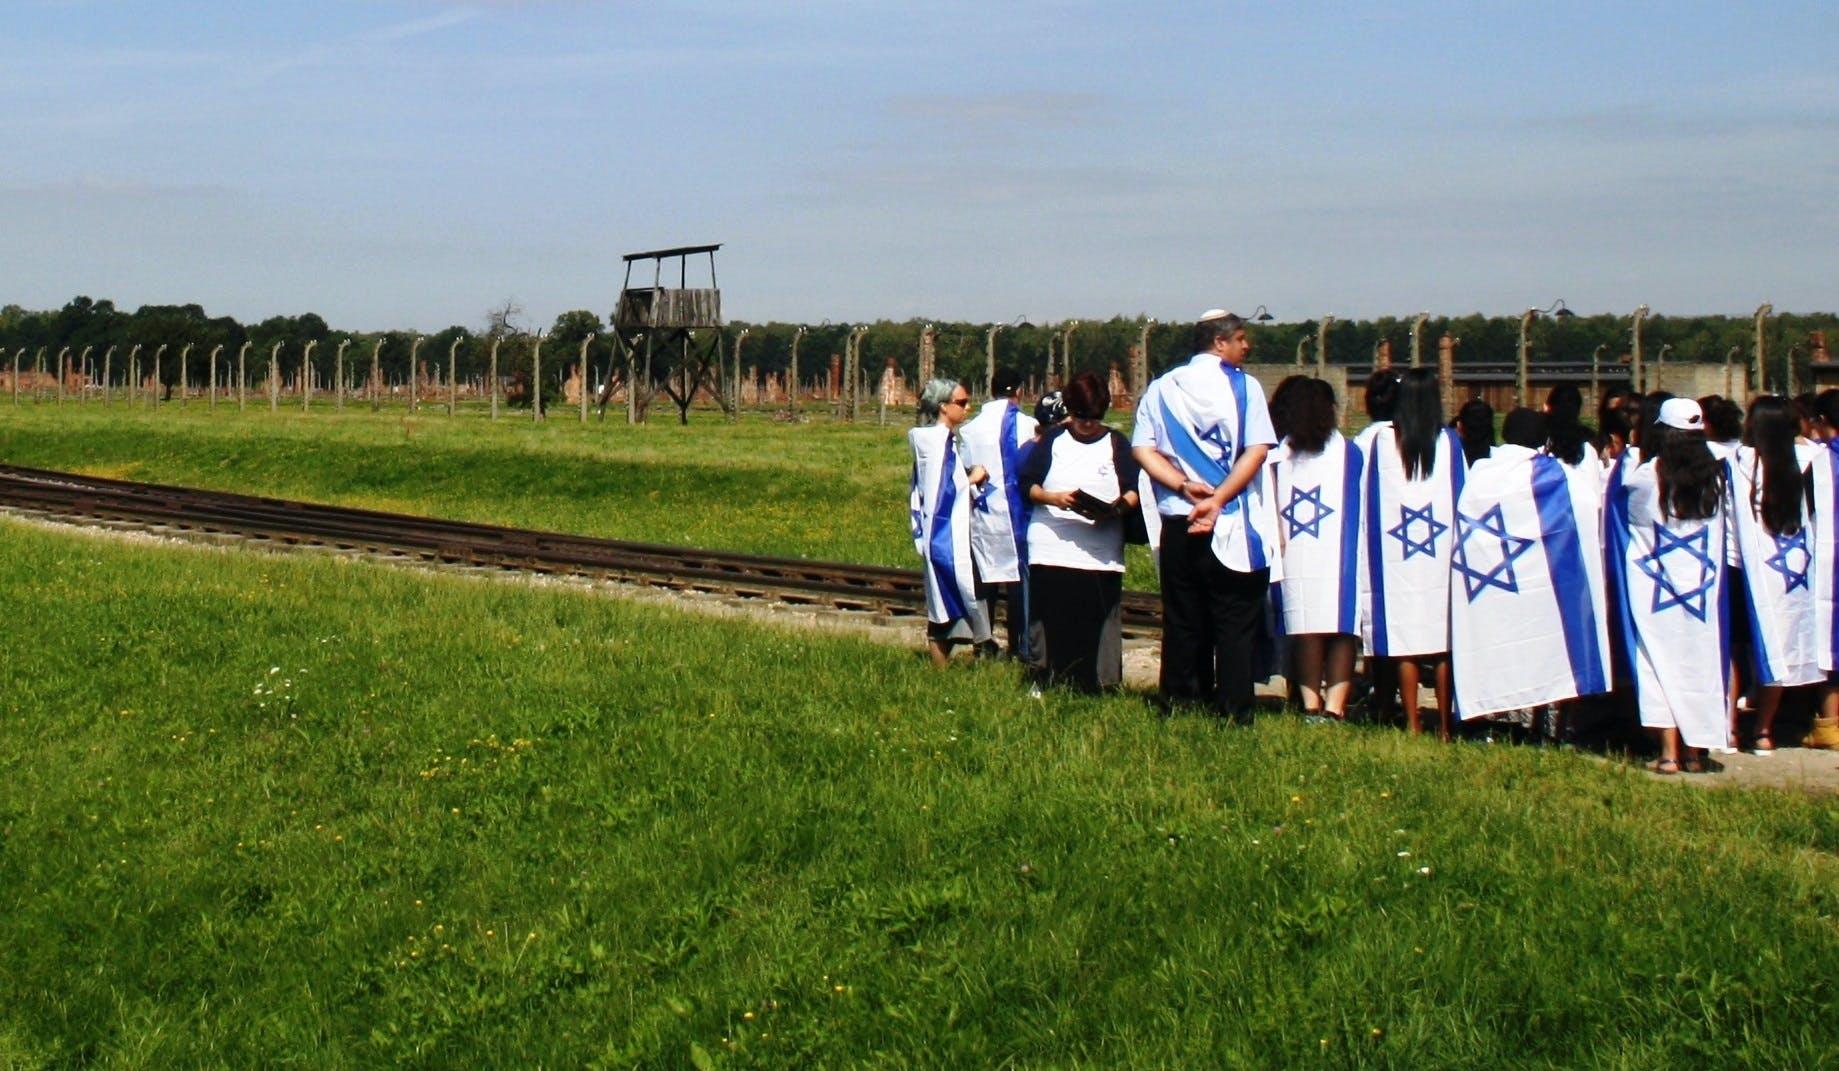 Ver la ciudad,Salir de la ciudad,Tickets, museos, atracciones,Tours históricos y culturales,Excursiones de un día,Entradas a atracciones principales,Con Auschwitz Birkenau,Campo de concentración de Auschwitz,Mina de sal Wieliczka